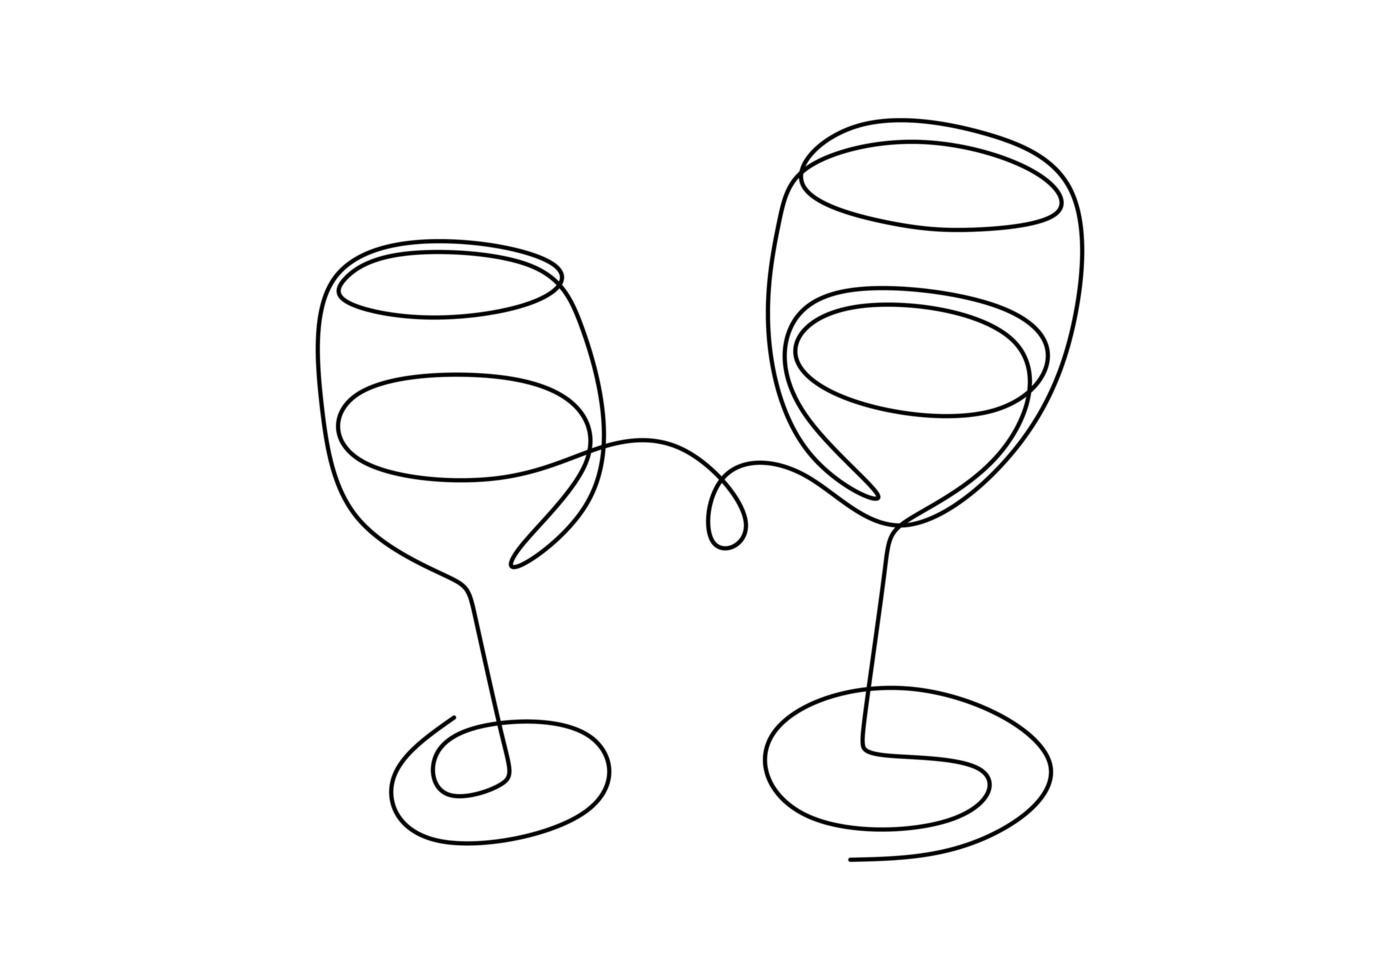 continu een lijntekening. juichen met glazen wijn of champagne. minimalisme schets hand getekend geïsoleerd op een witte achtergrond. eenvoud lijntekeningen abstracte stijl. vector